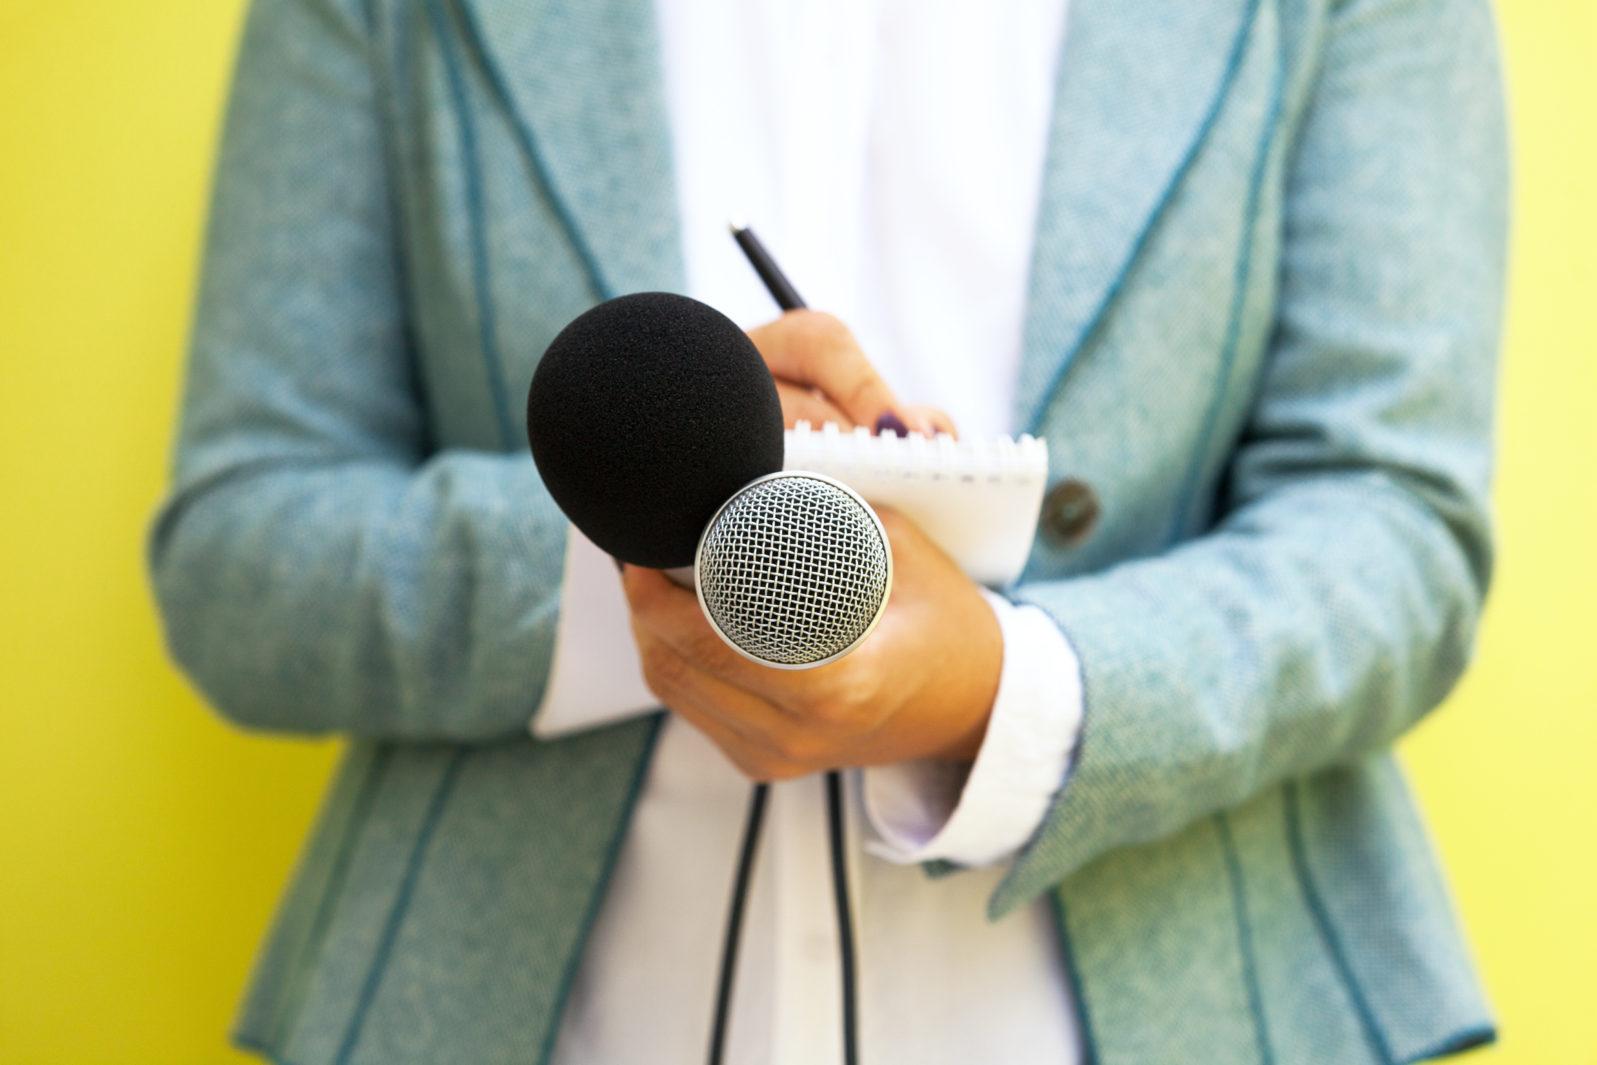 Përgjegjësitë e gazetarëve si 'gardianë të së vërtetës'